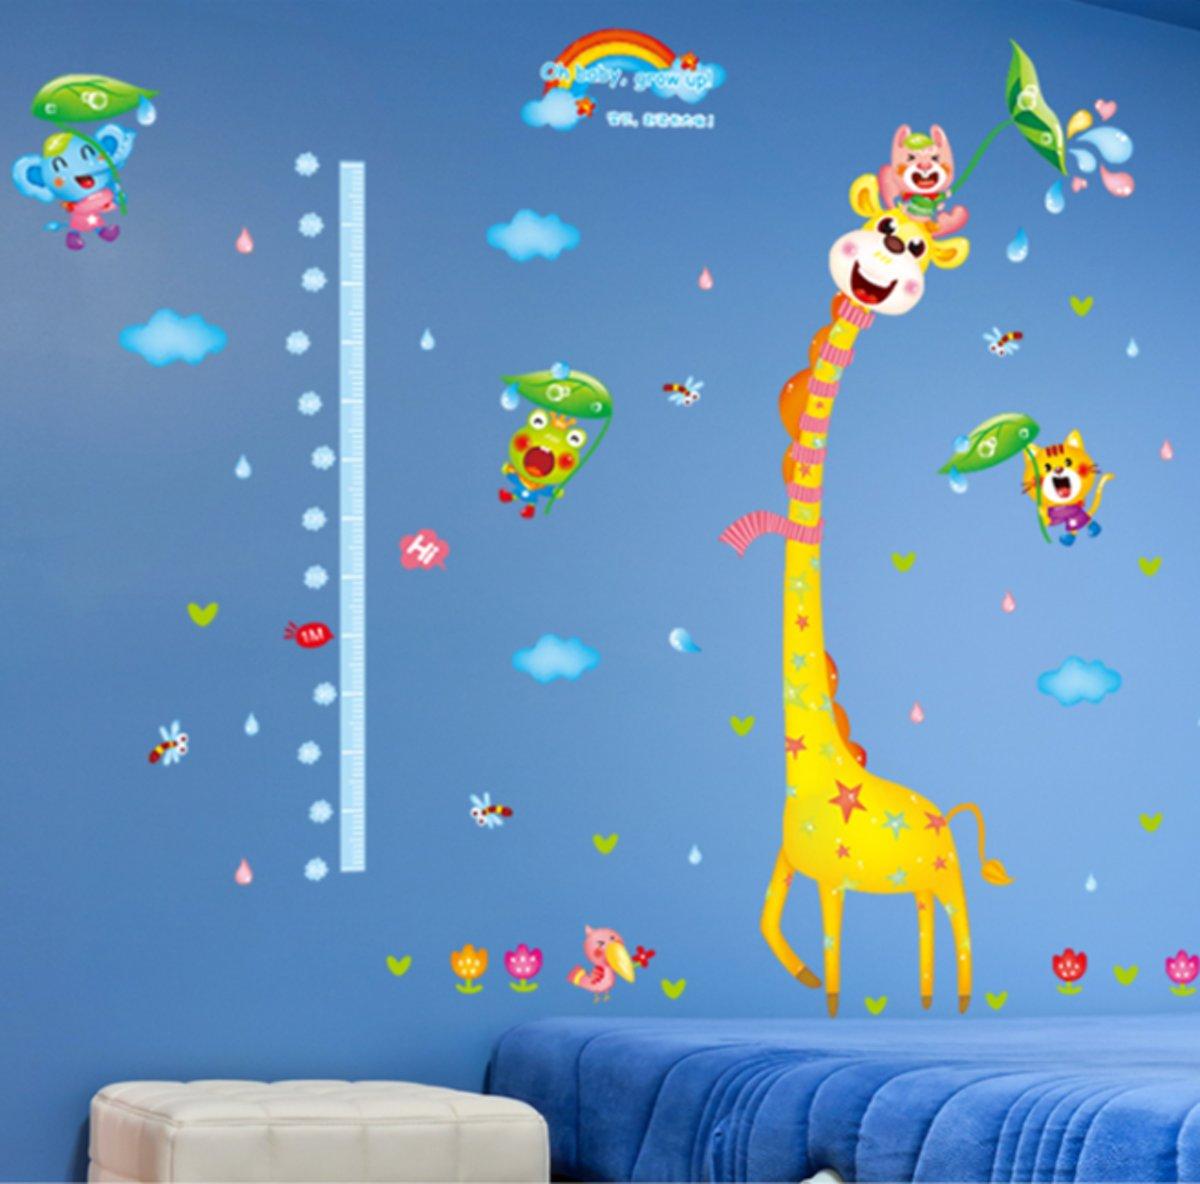 Muursticker Wereldkaart Krijt.Top Honderd Muursticker Groeisticker Voor Kinderkamer 60x95cm